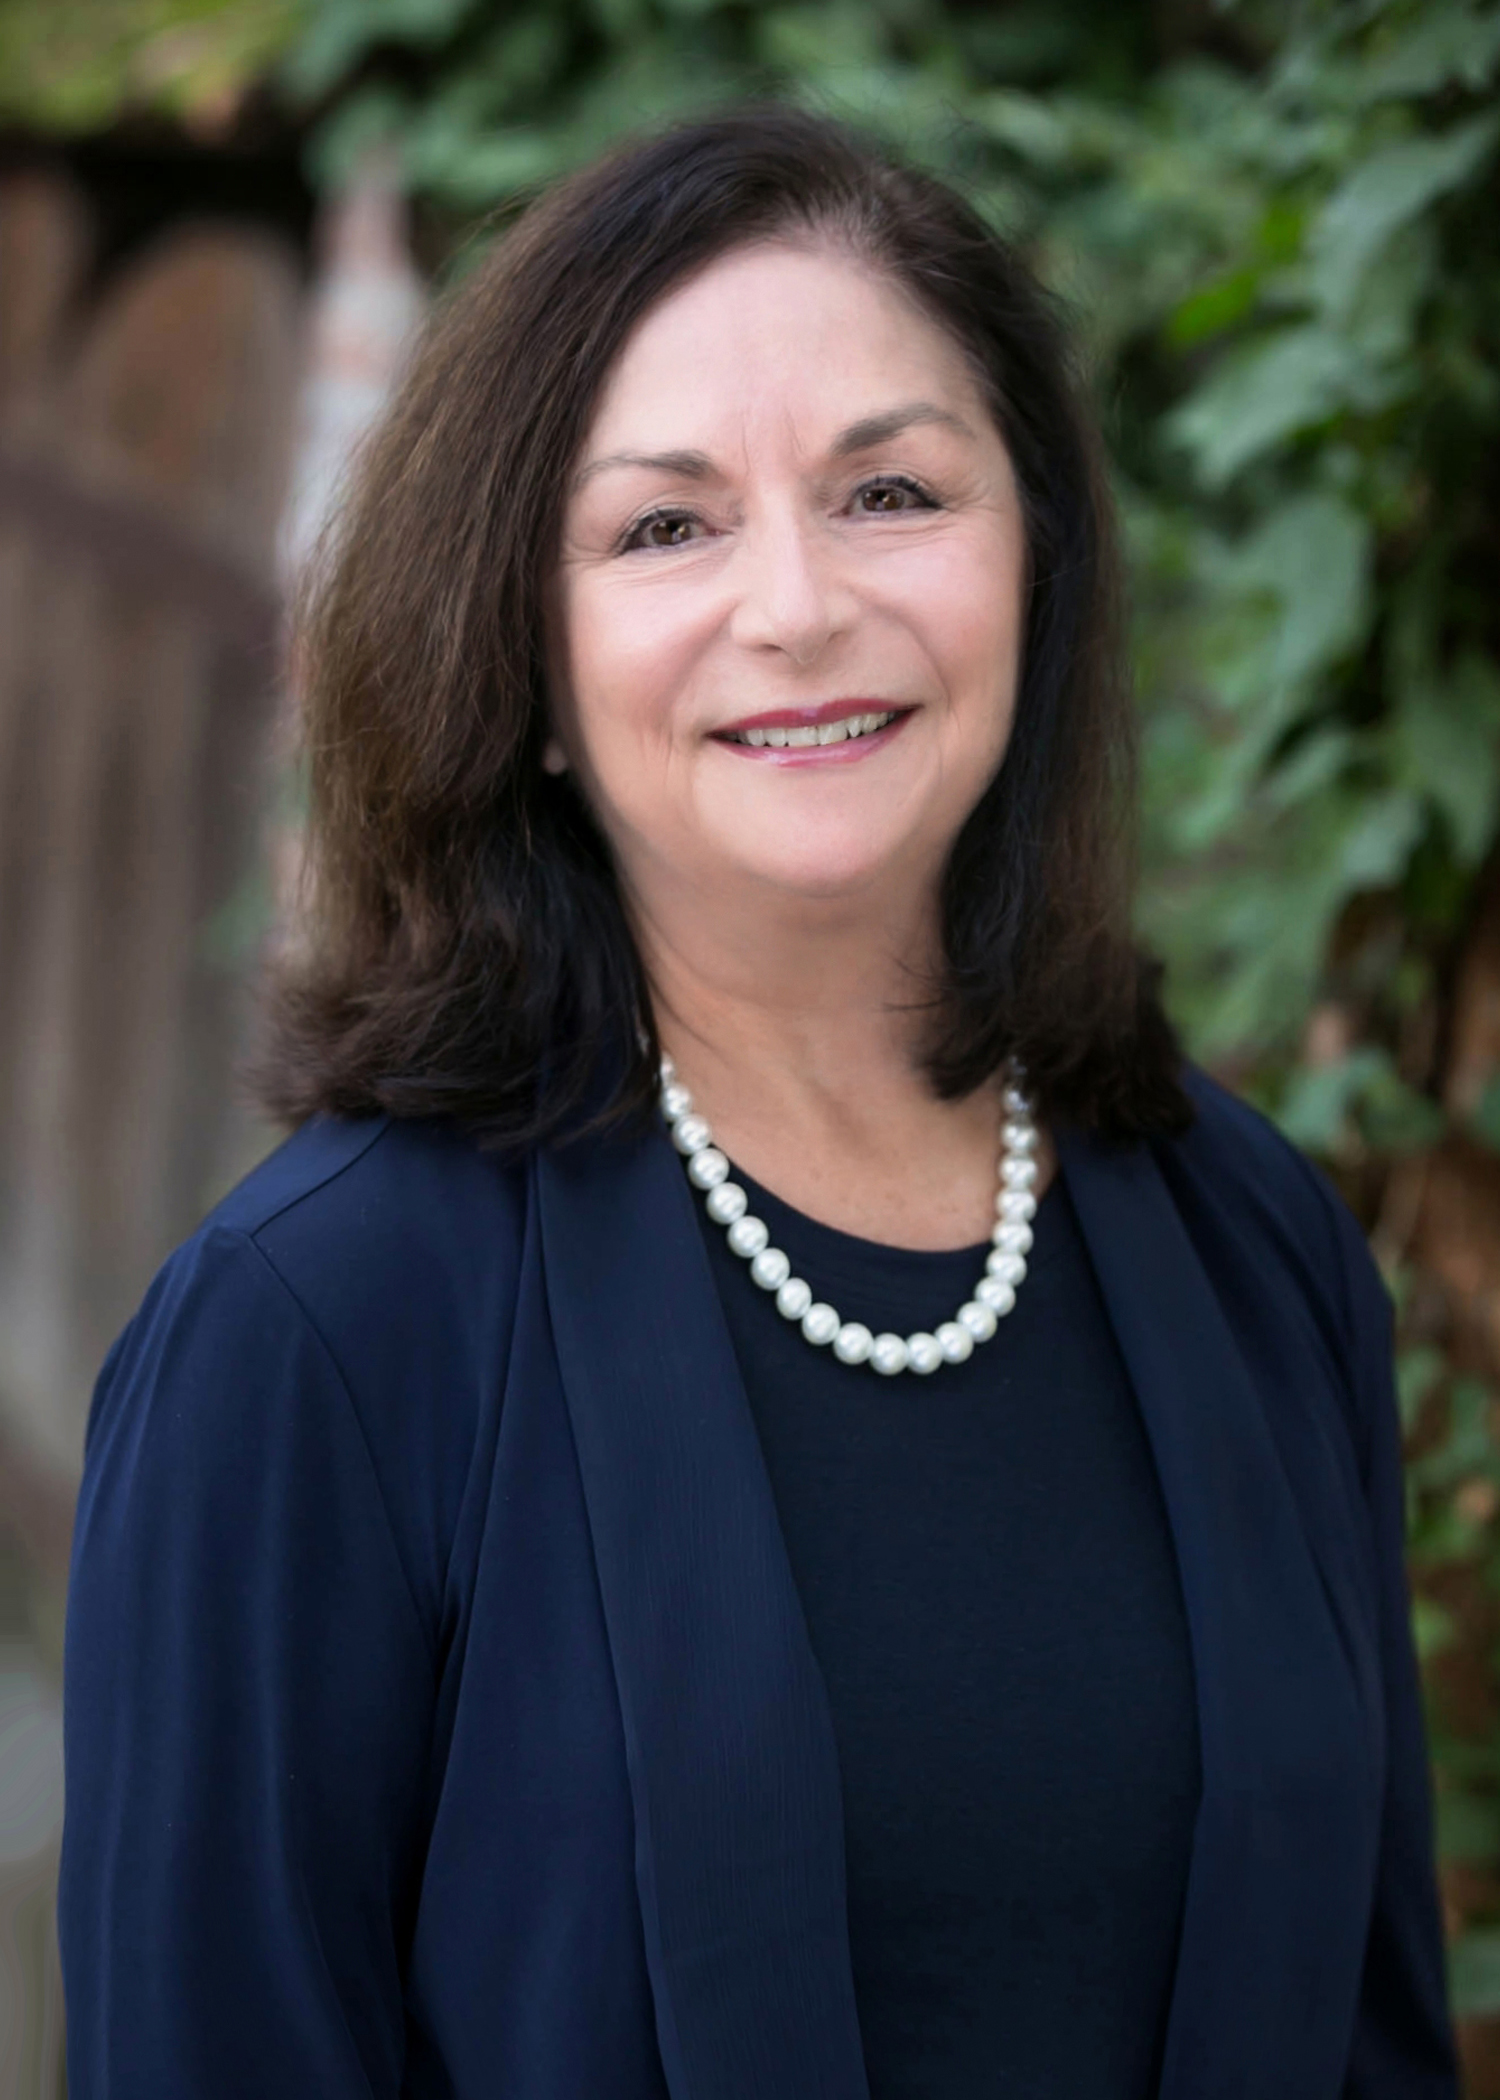 Valerie Durantini